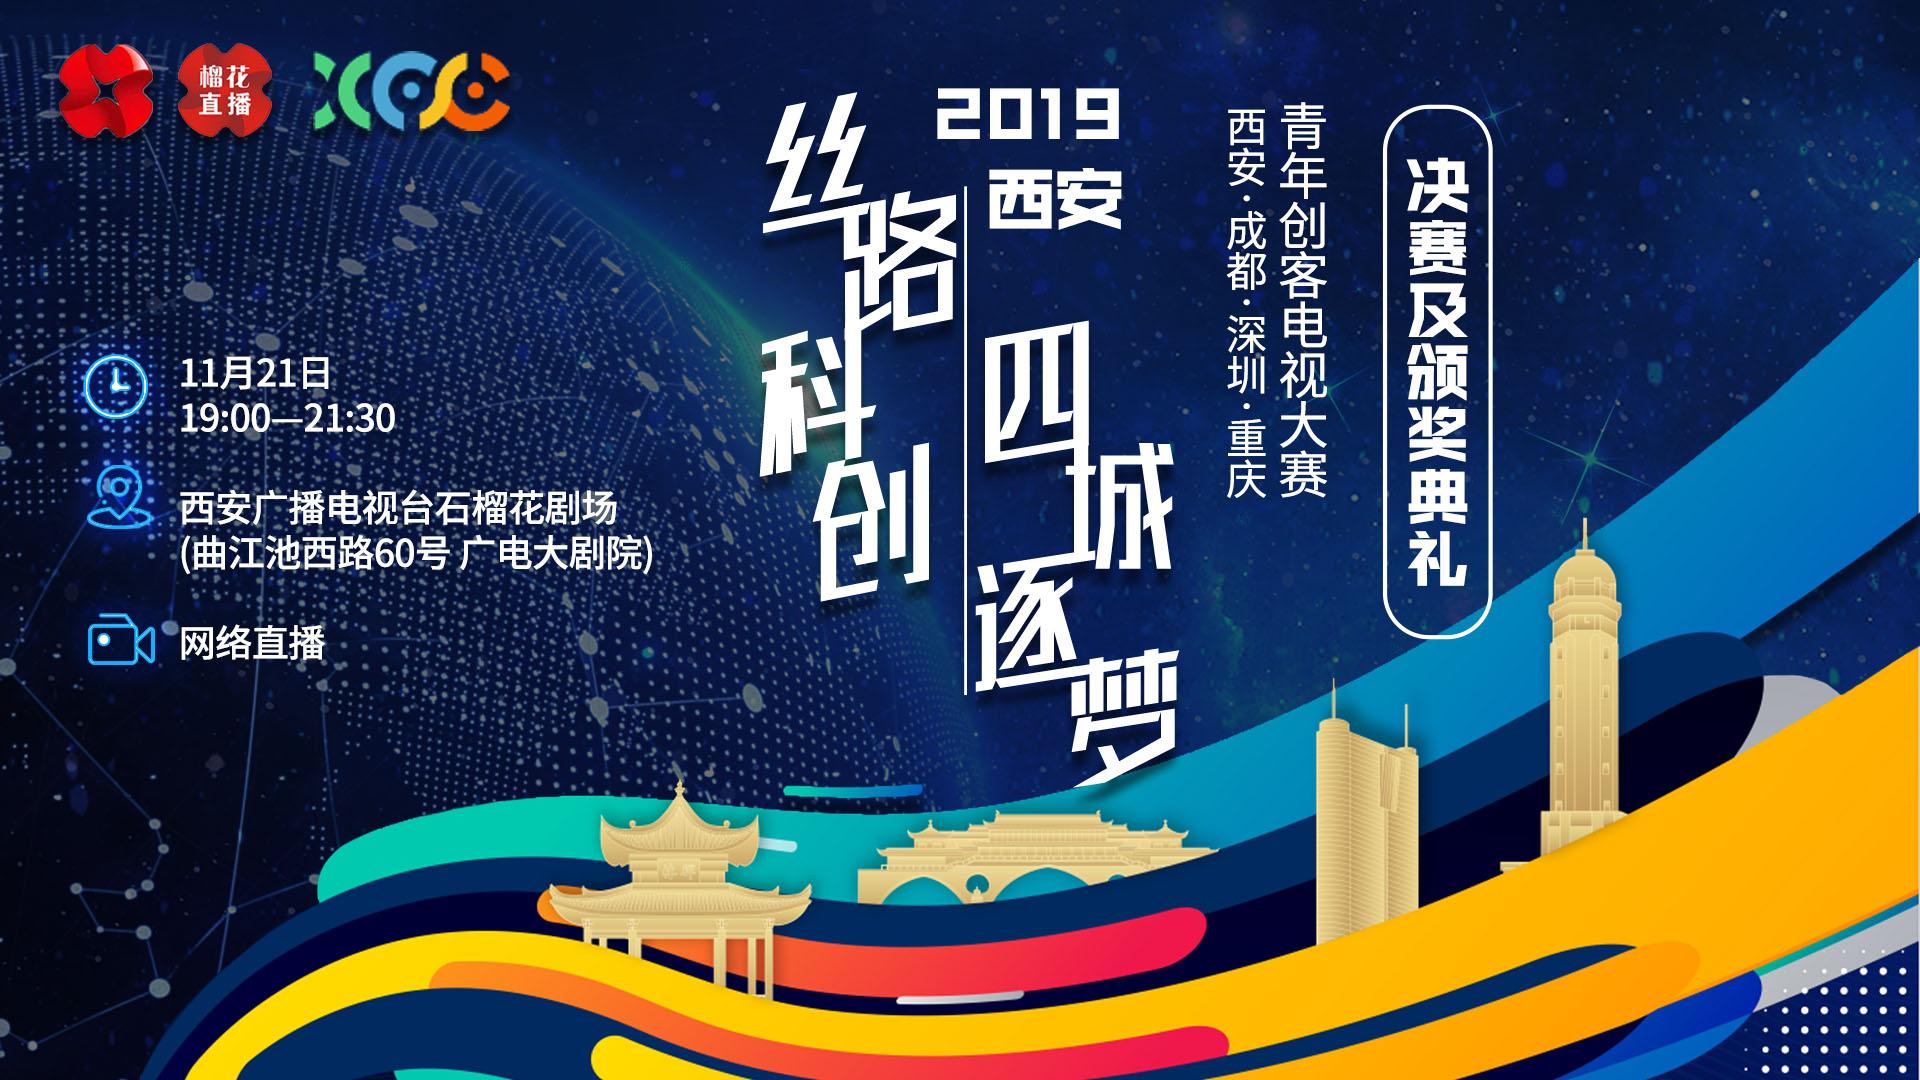 """2019""""丝路科创""""青年创客电视大赛决赛及颁奖典礼"""